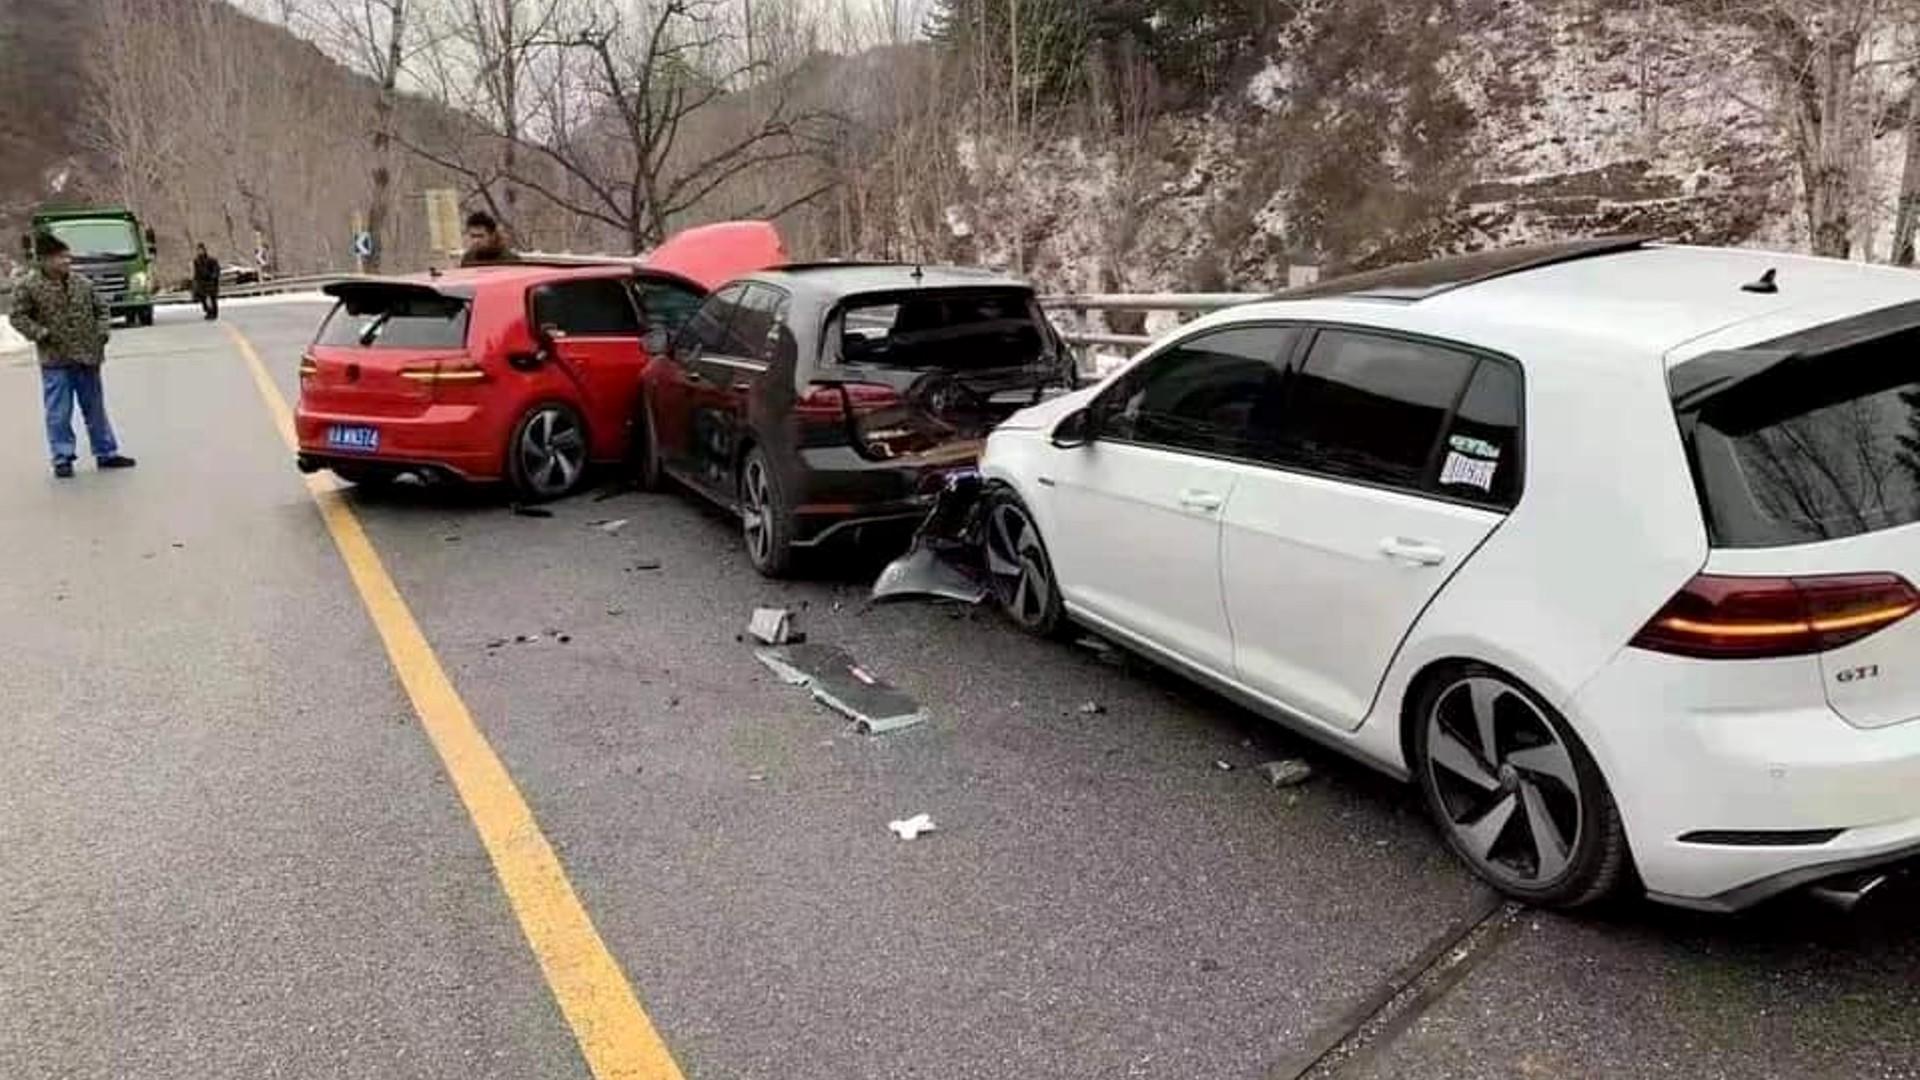 Τρία Volkswagen Golf GTI κατάφεραν να τρακάρουν… μεταξύ τους! [pics]